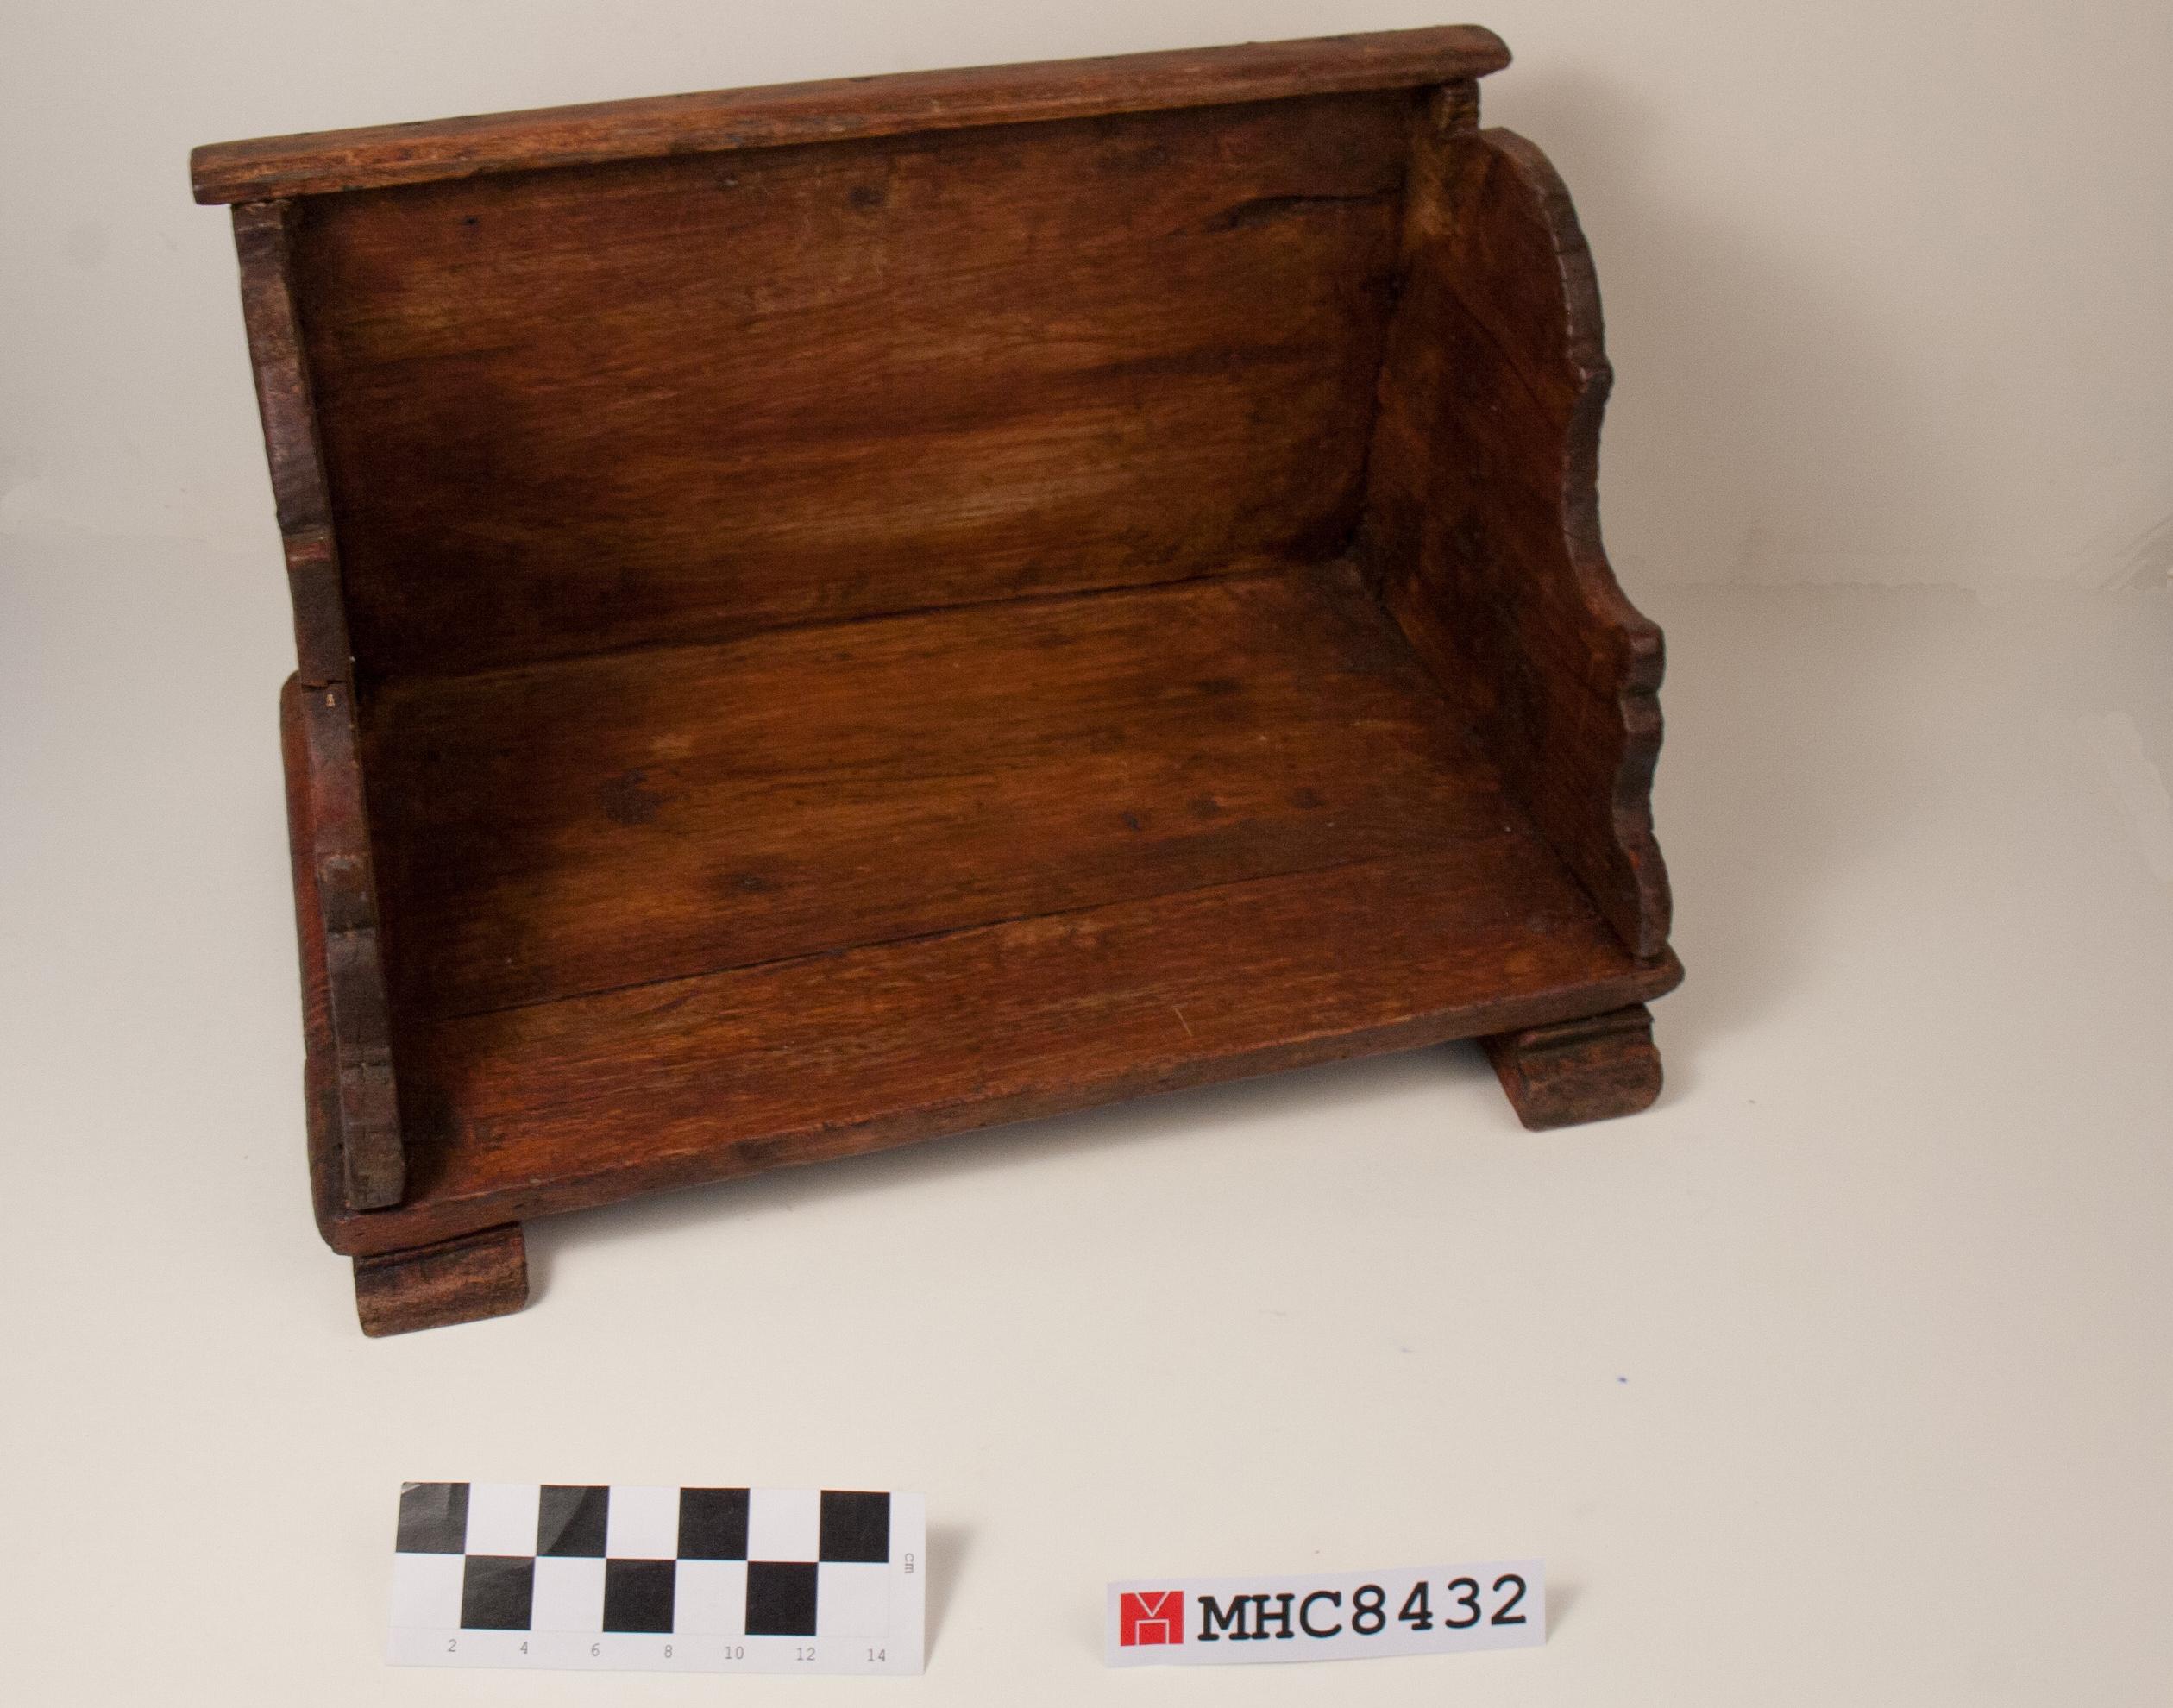 Caixó de fusta per protegir els genolls en rentar roba